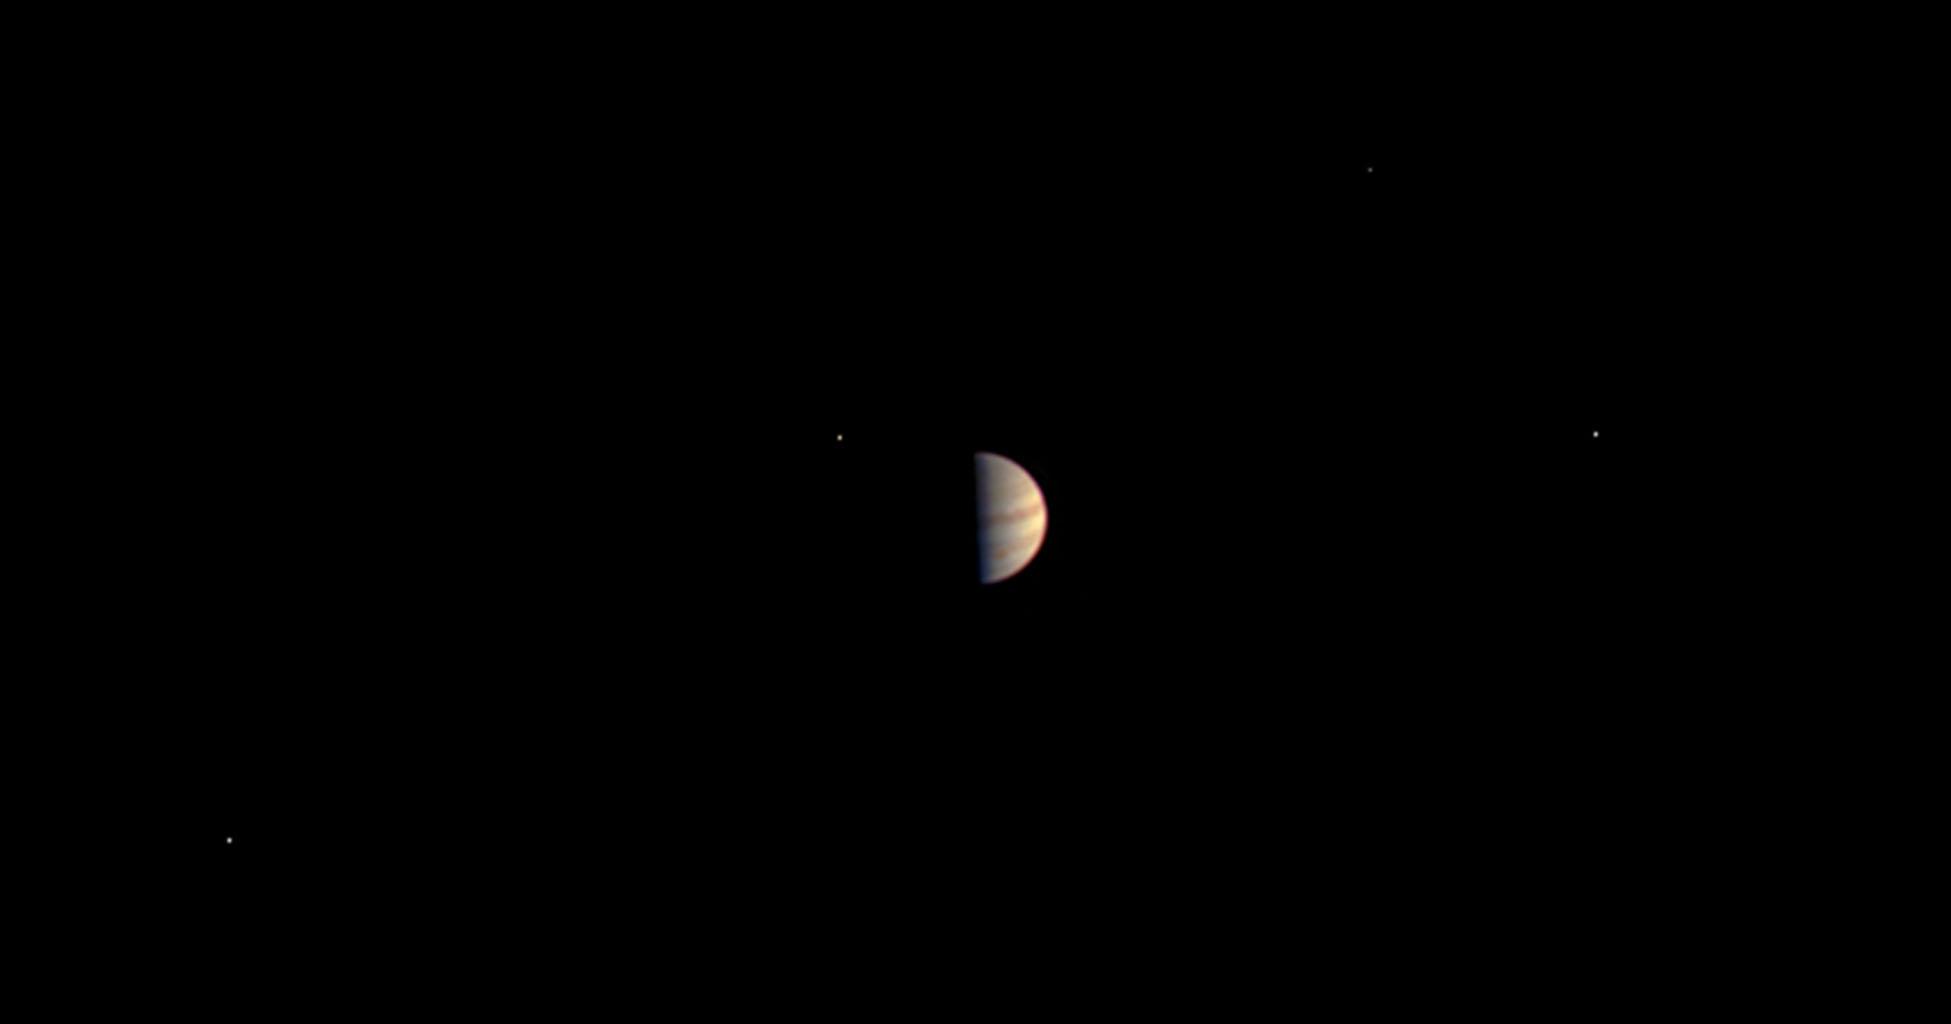 2016.07.05:木星軌道投入前の最後の1枚